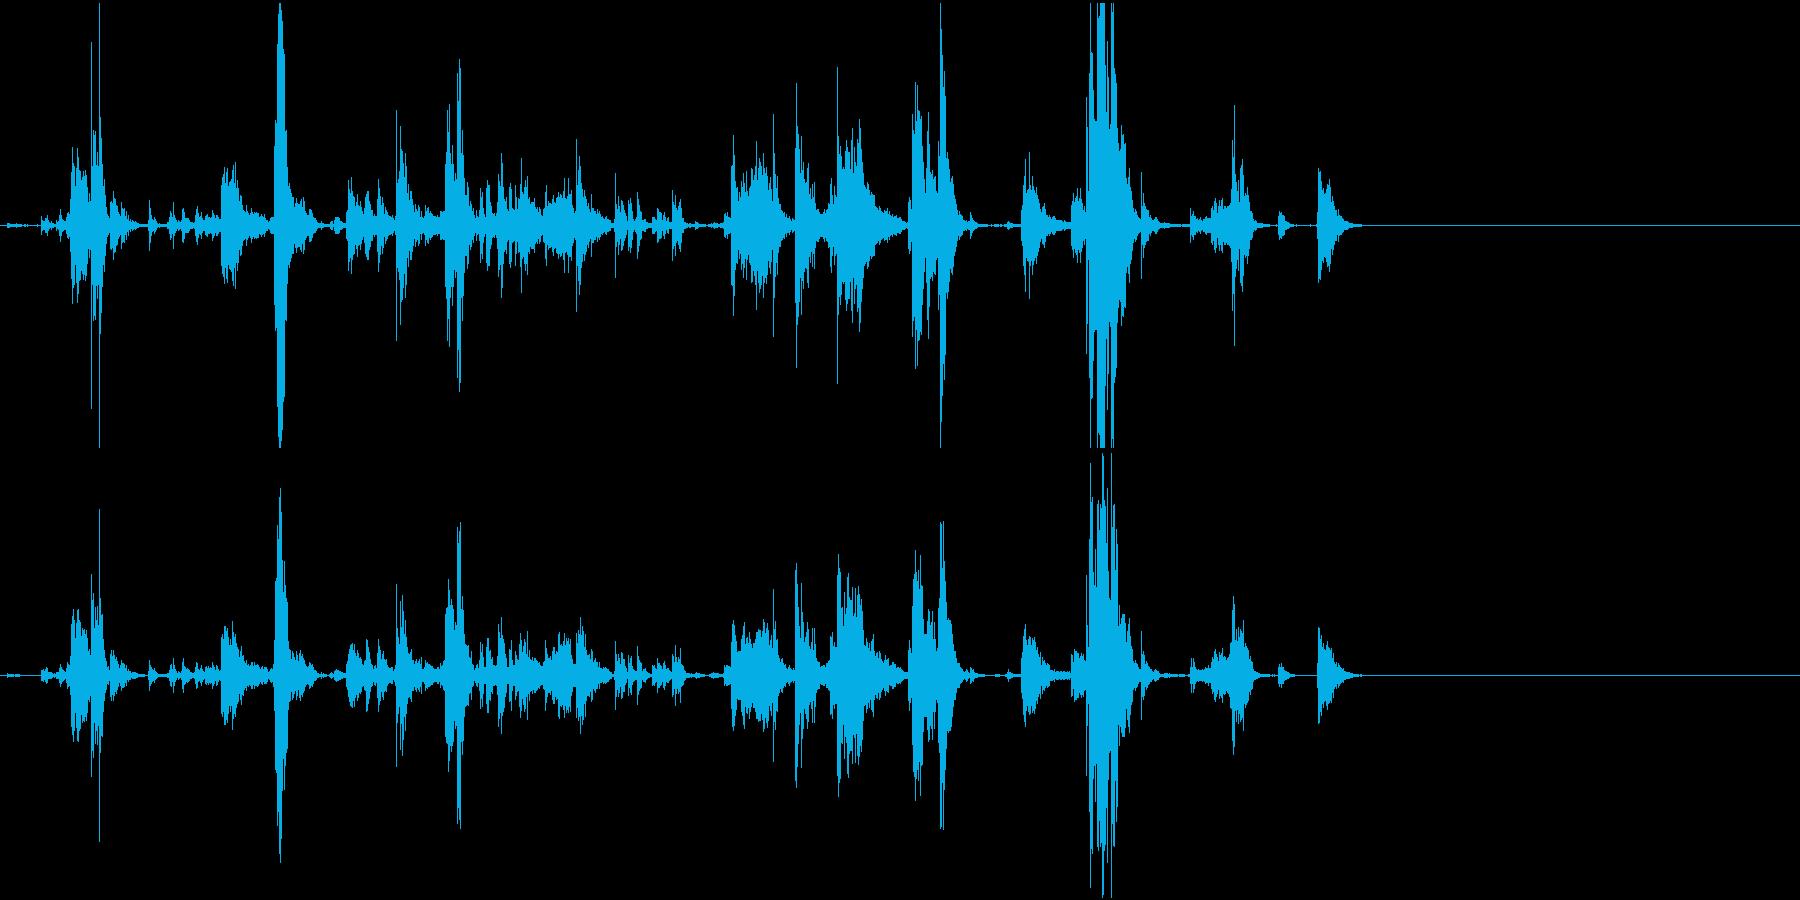 【生録音】手錠の音 7 取り外すの再生済みの波形